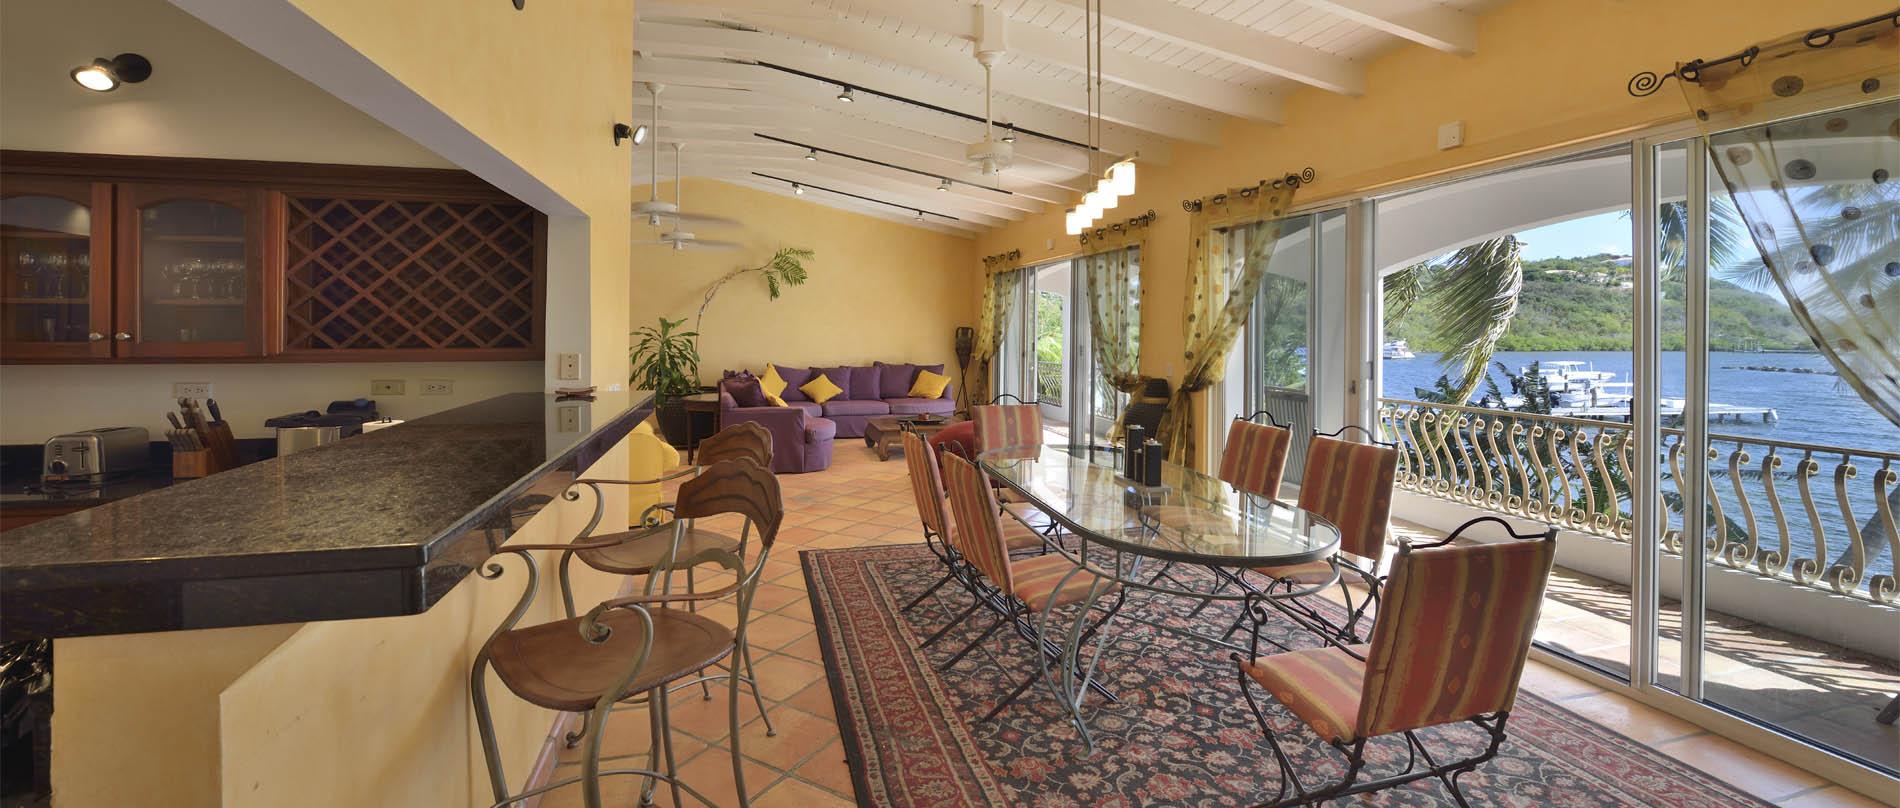 Islander Villa - For Sale